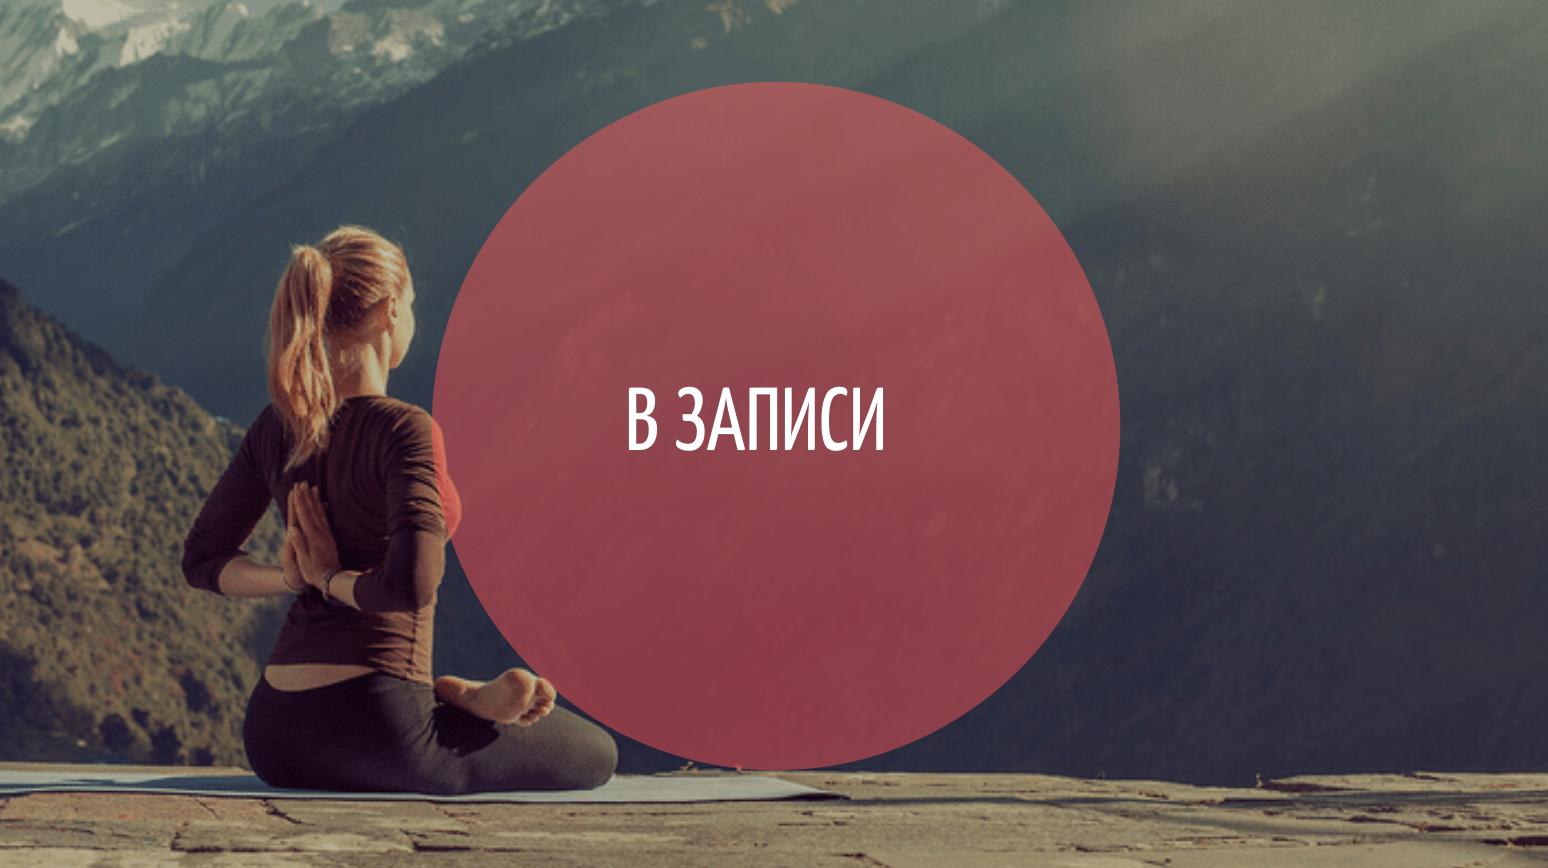 Леонид Герасьянов Трансформация негатива энергию Вашей цели